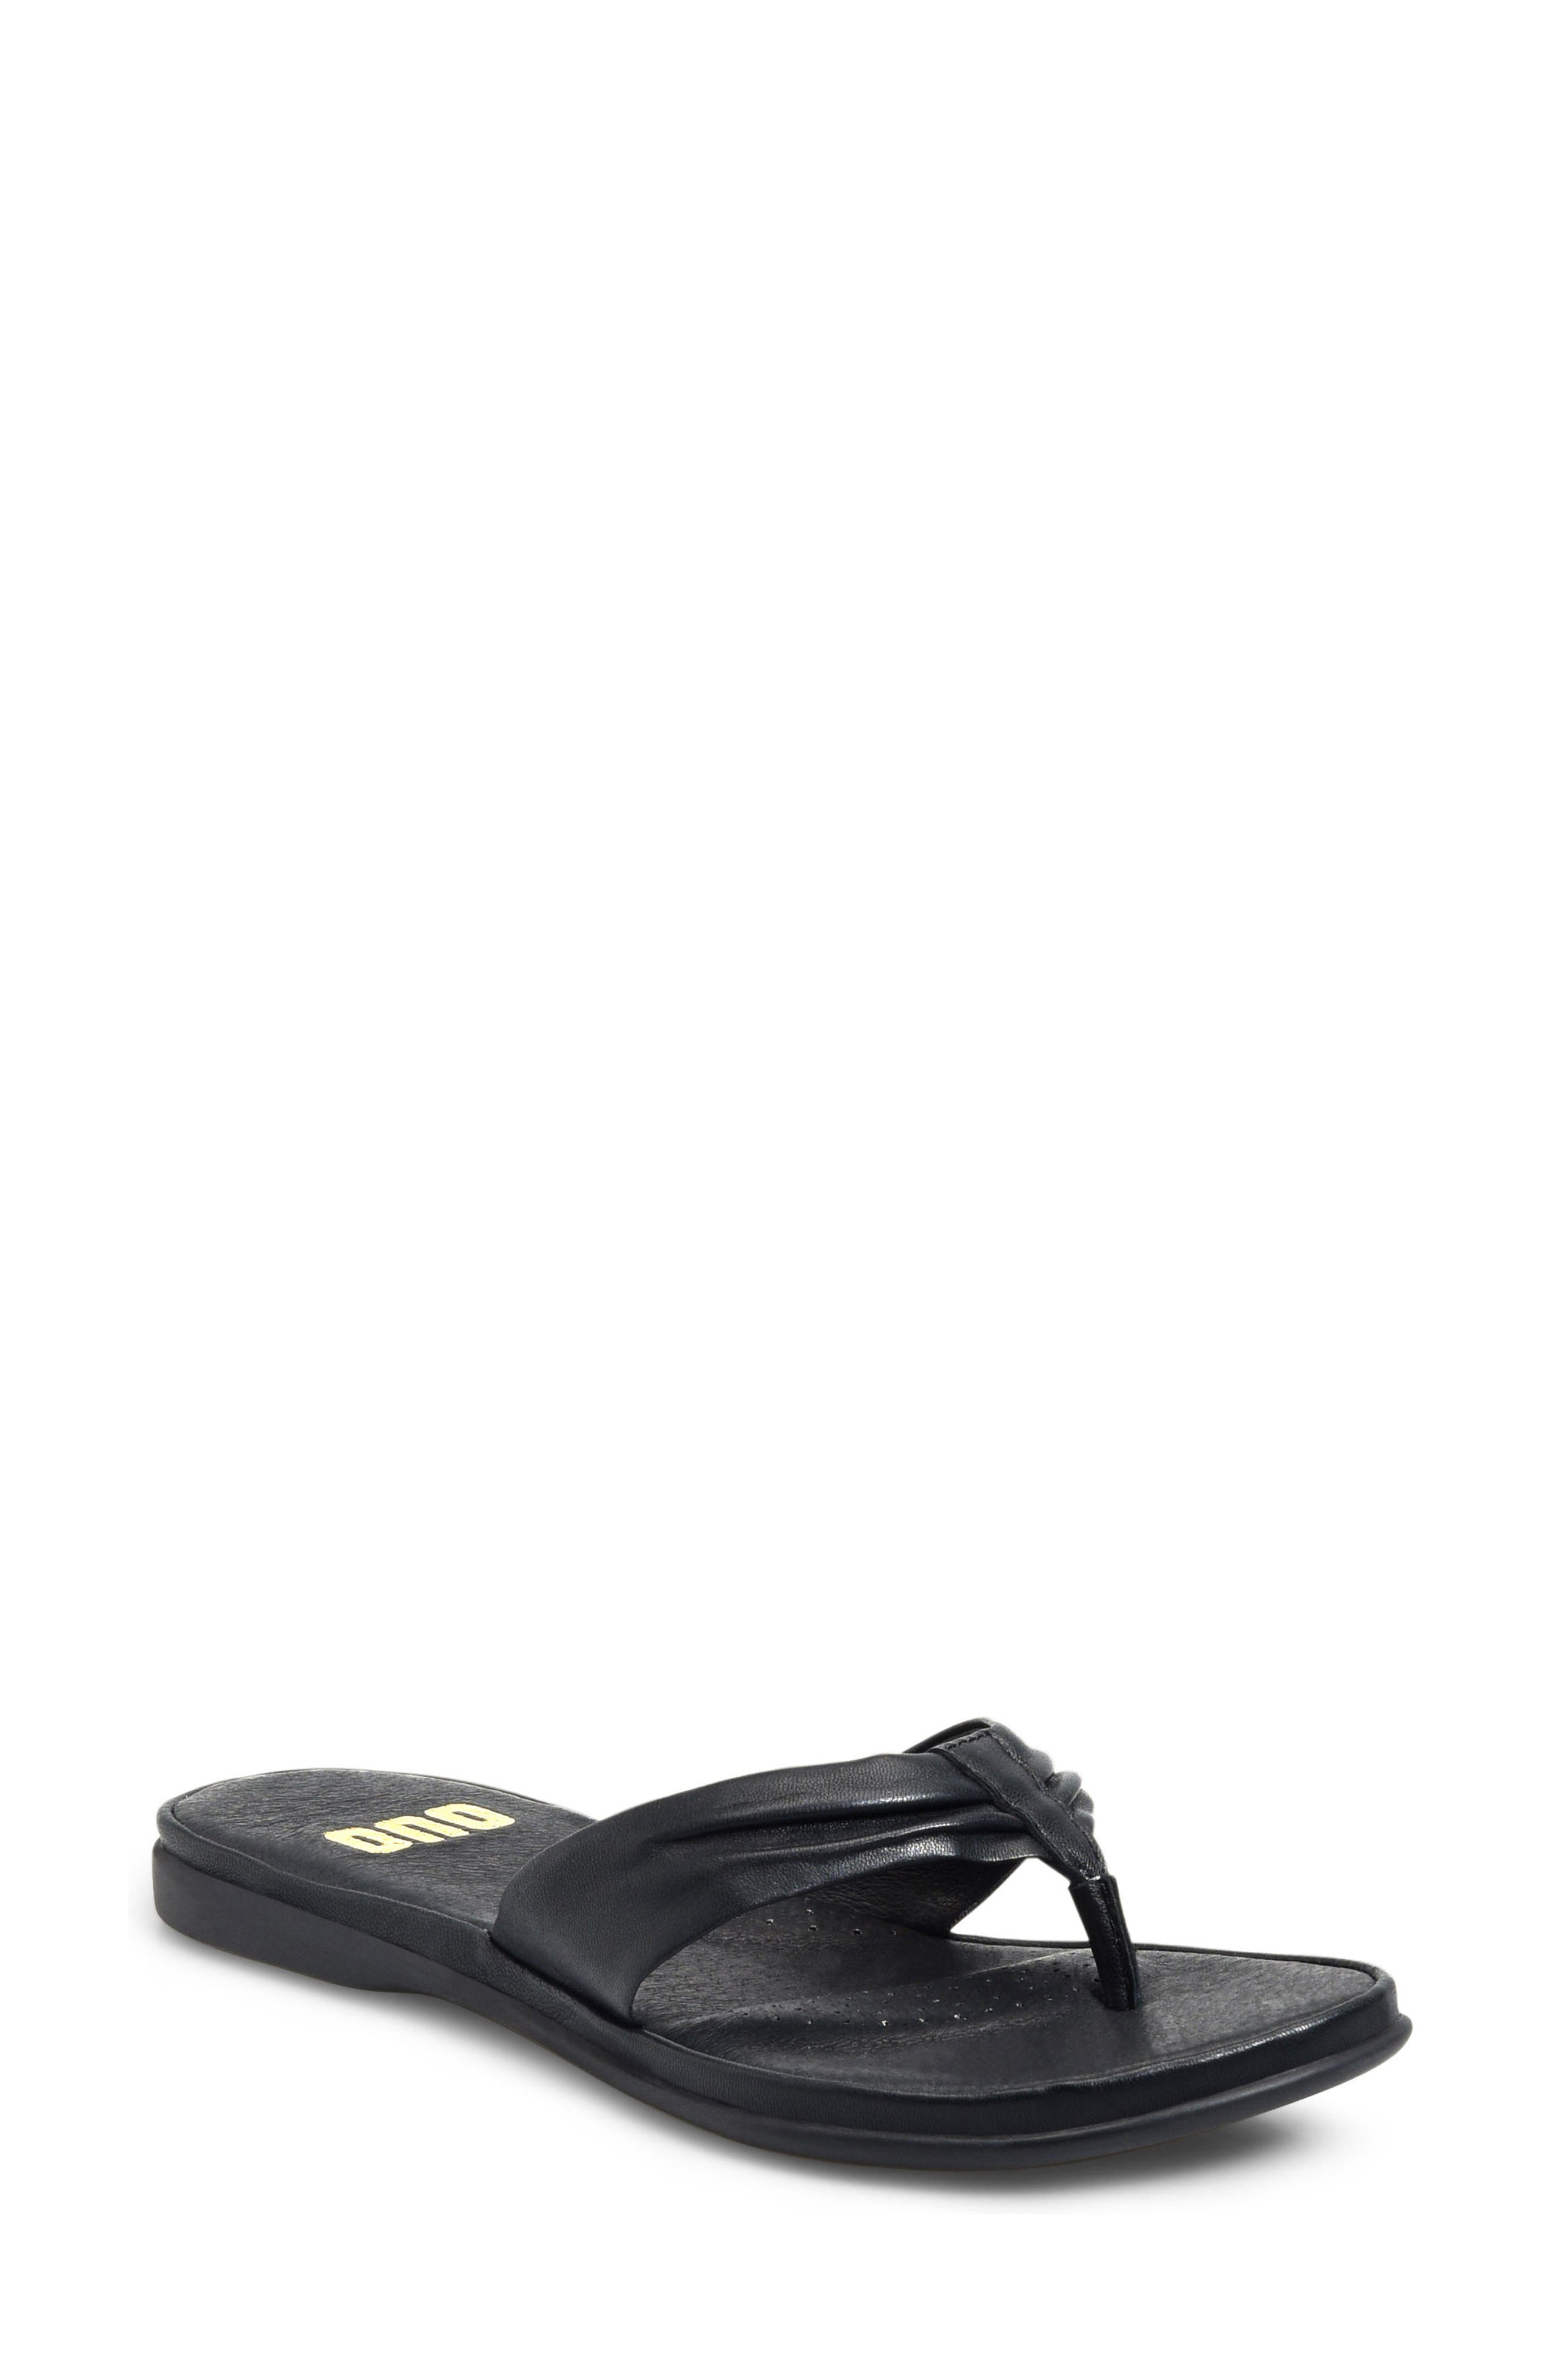 Liv Flip Flop,                         Main,                         color, Black Leather